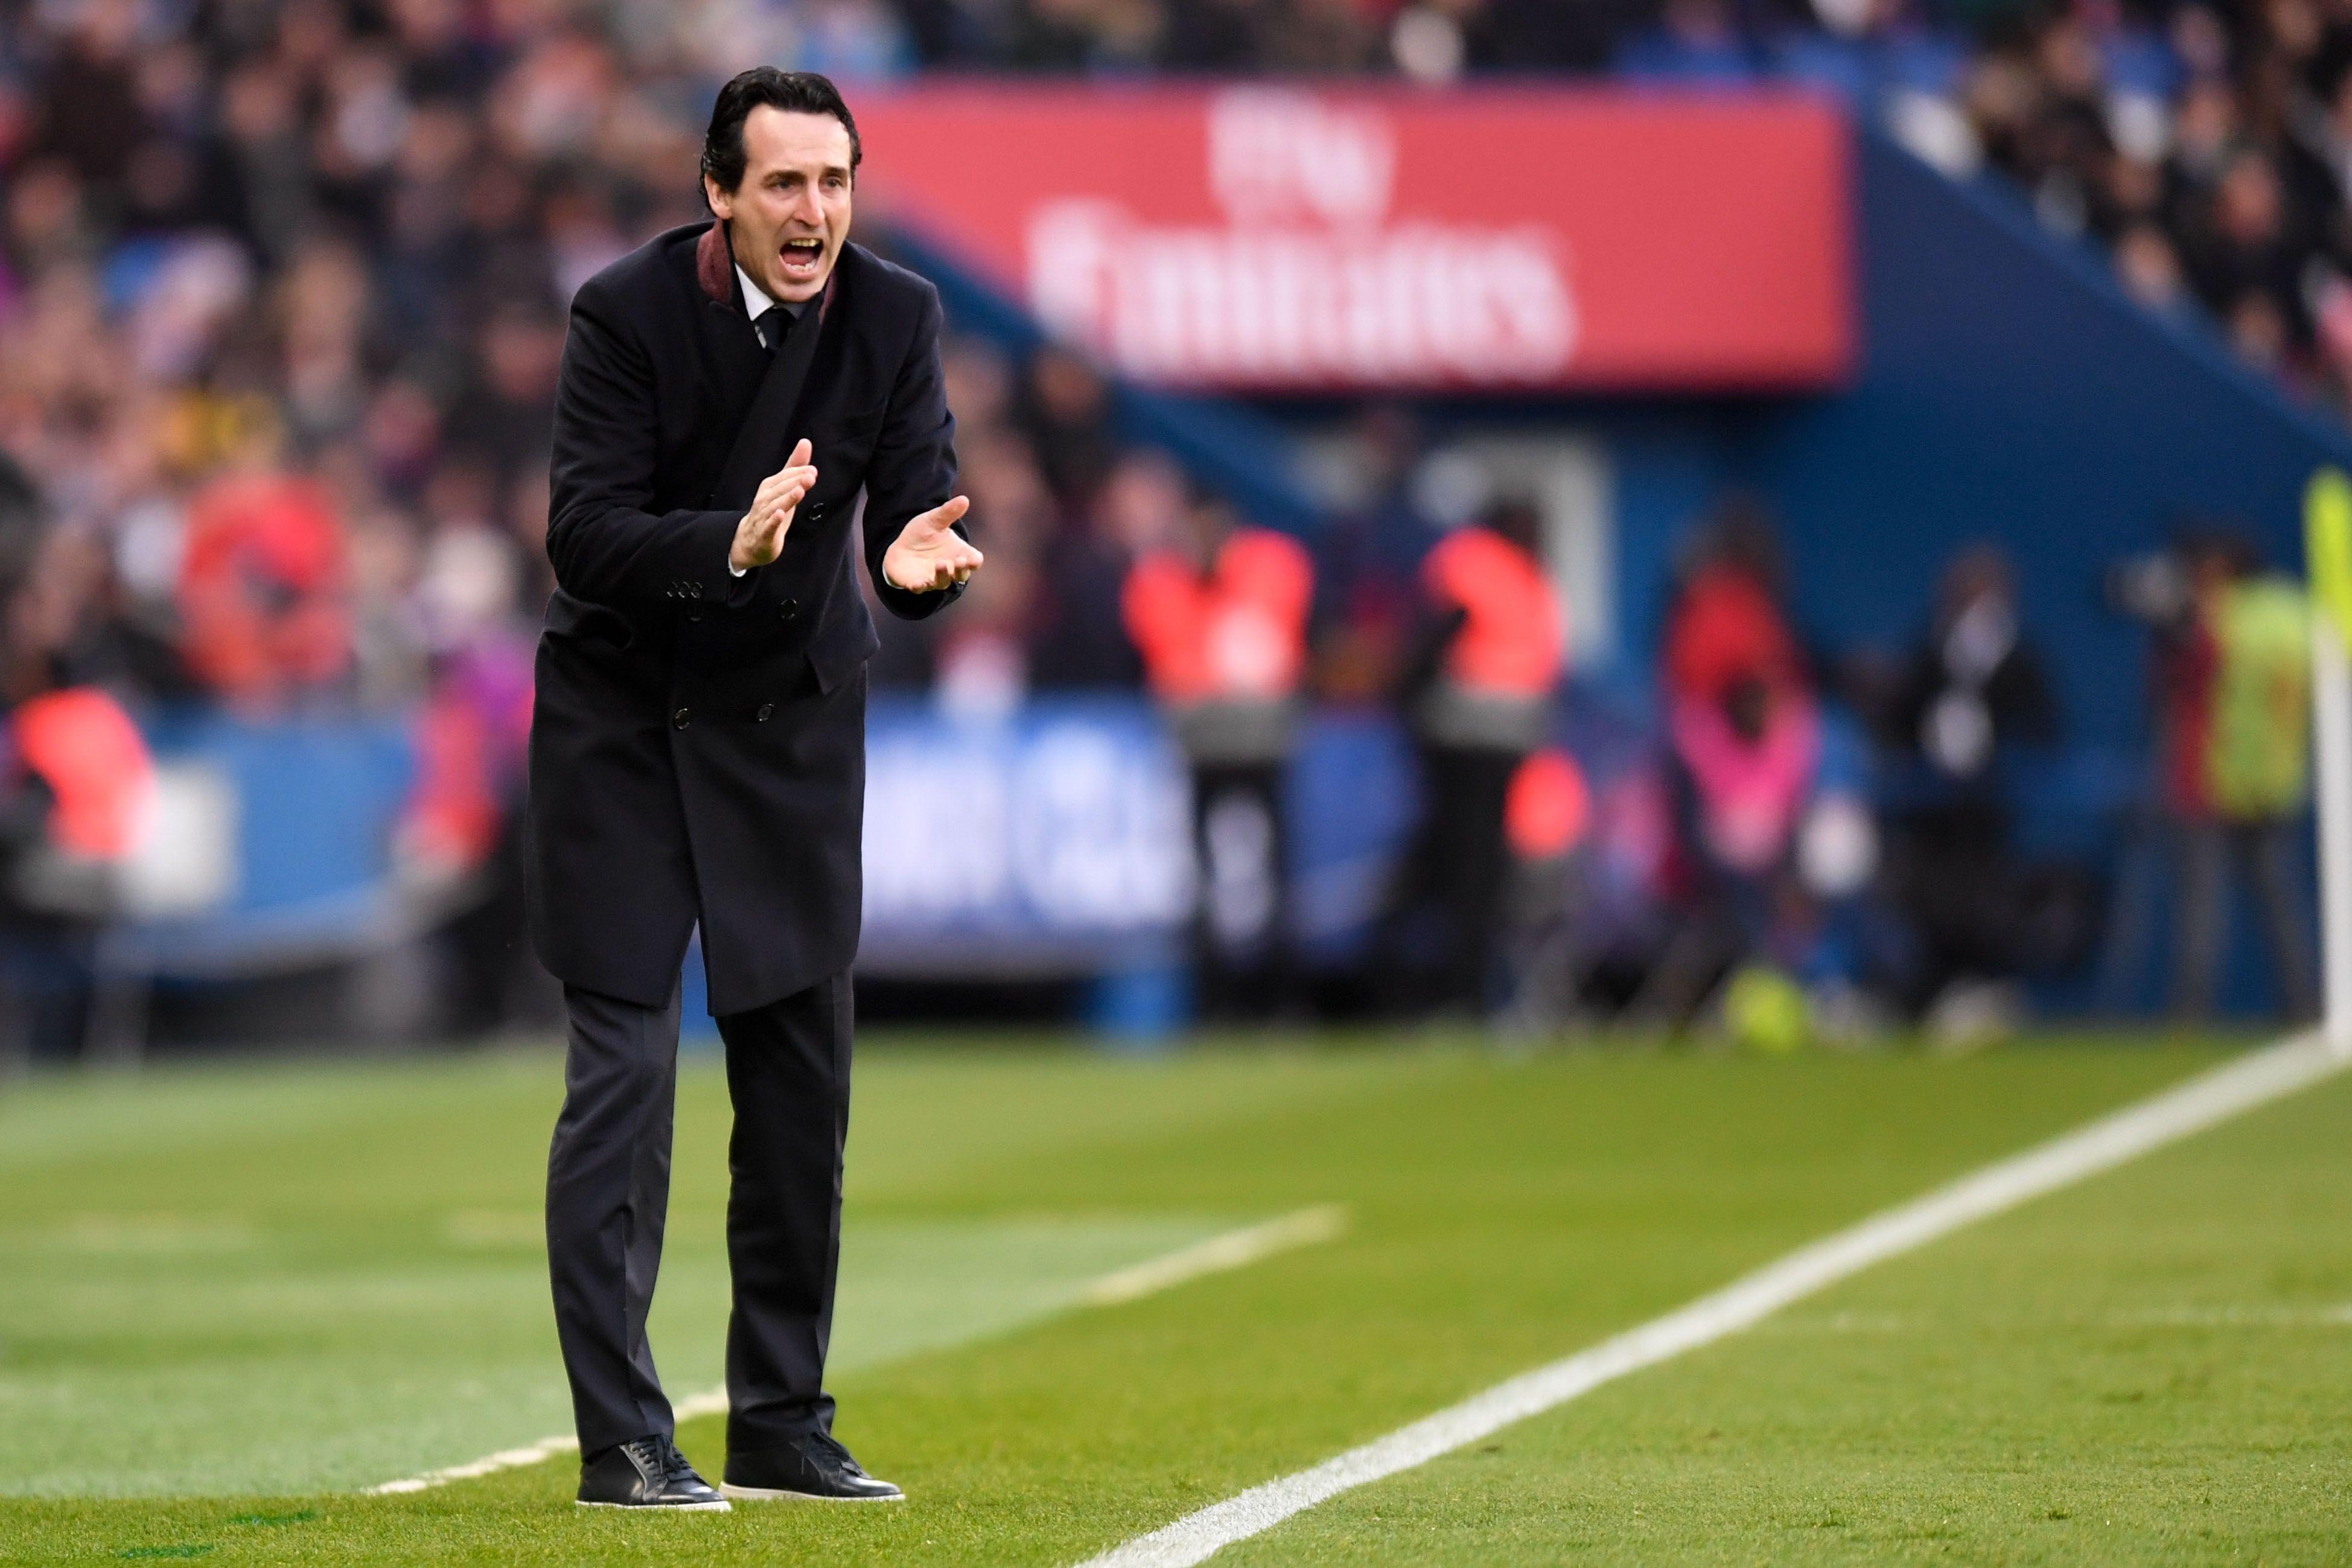 Football - Ligue 1 - PSG : dans un message aux supporters, Emery veut «continuer à écrire l'histoire» contre l'OM et le Real